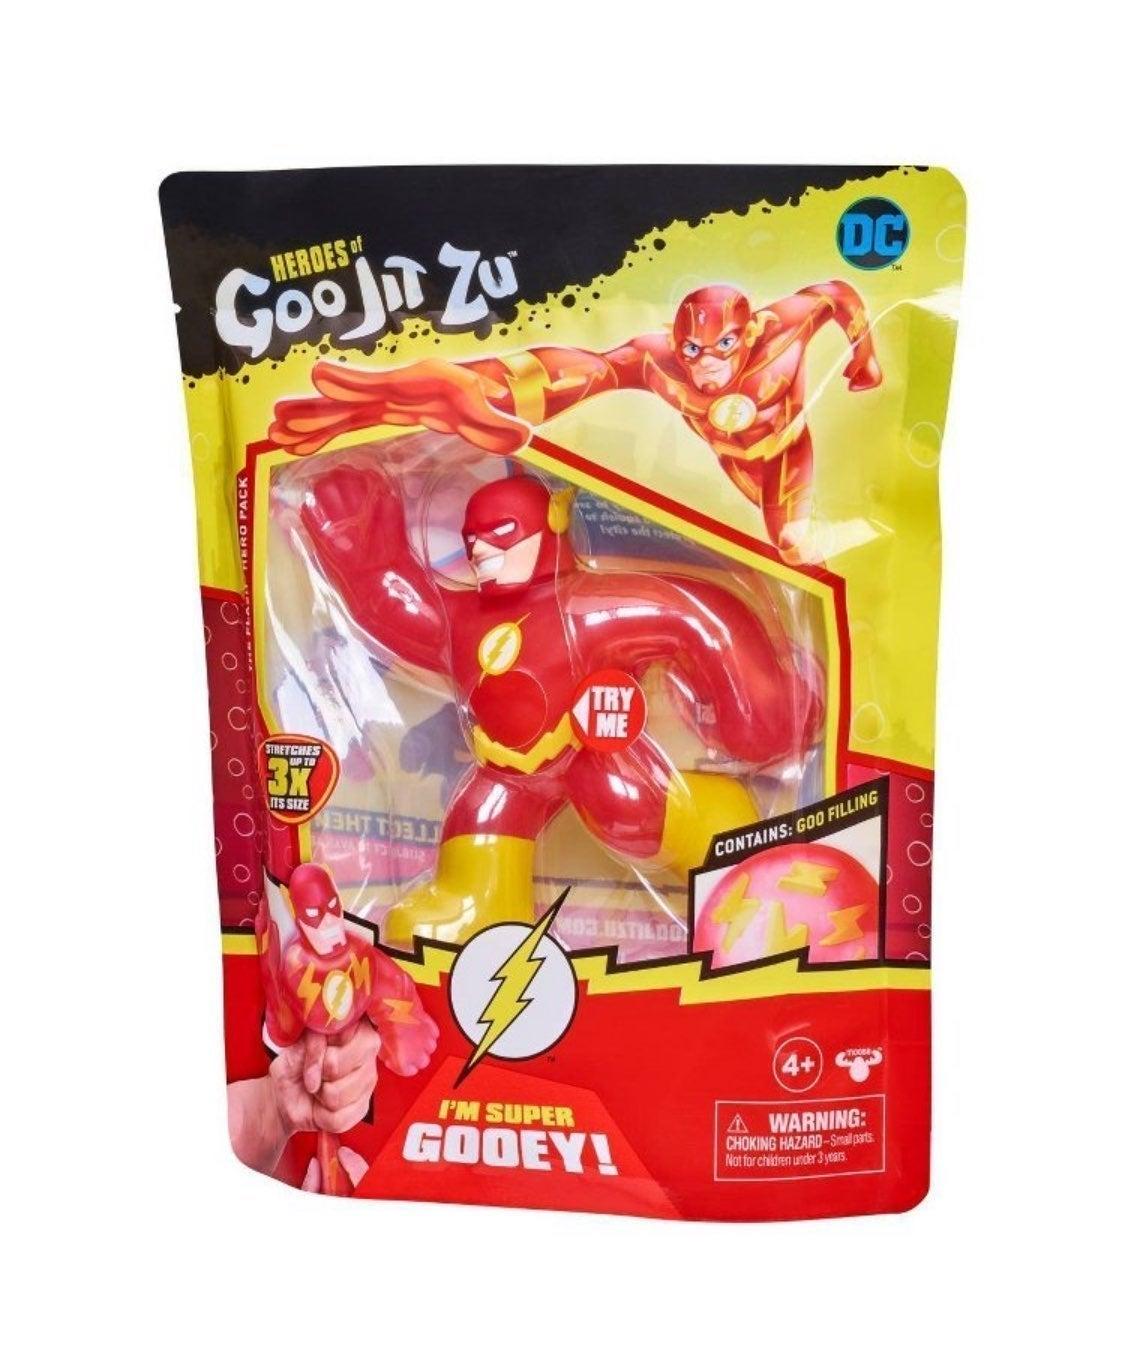 Heroes of Goo Jit Zu DC Flash!!